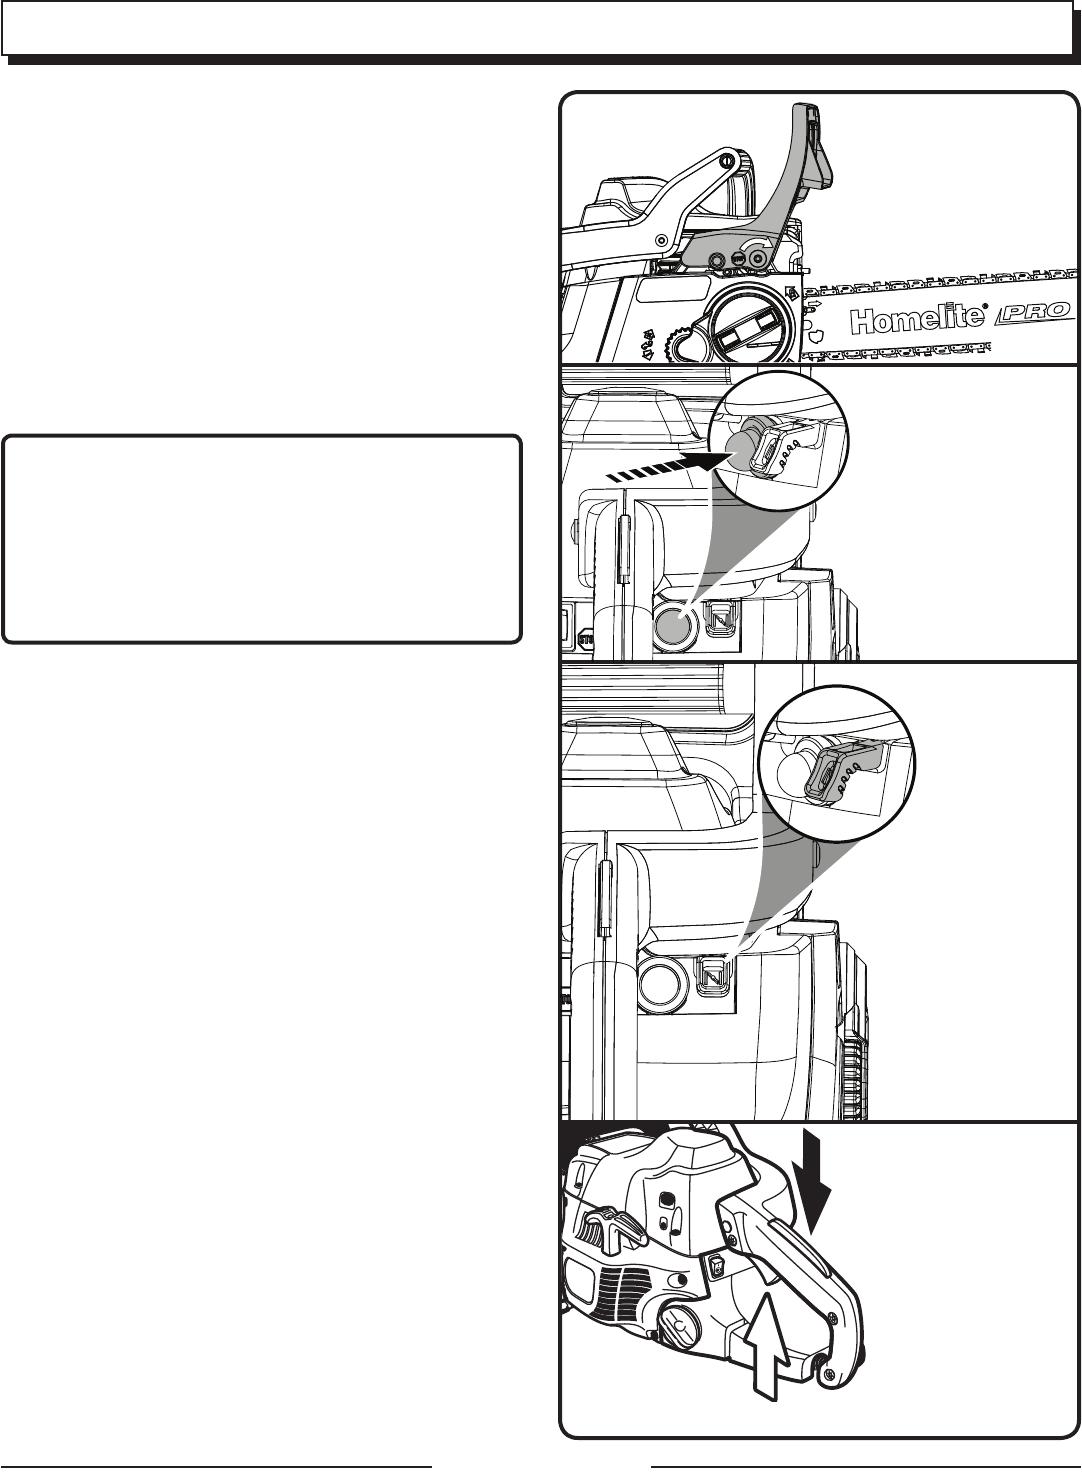 Dac 8